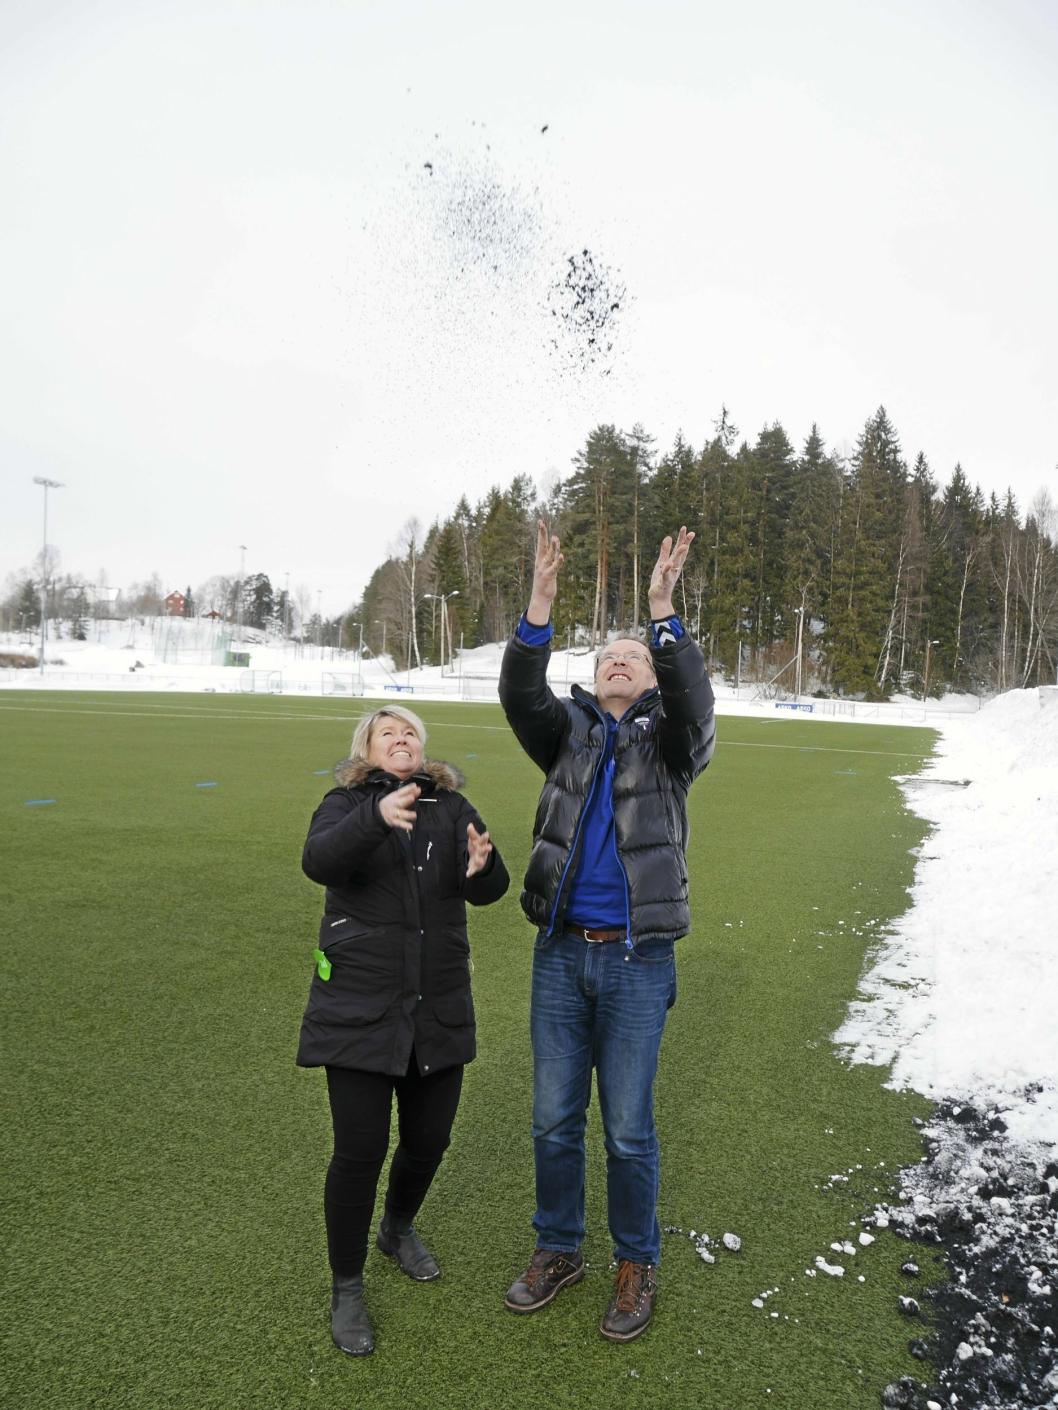 GRANULAT I LUFTEN: Daglig leder Hege Frøyna i OI (t.v.) og daglig leder i Kolbotn IL, Harald Vaadal, bruker mye gummigranulat på de vinterdrevne kunstgressbanene. Nå må nye tiltak settes inn.